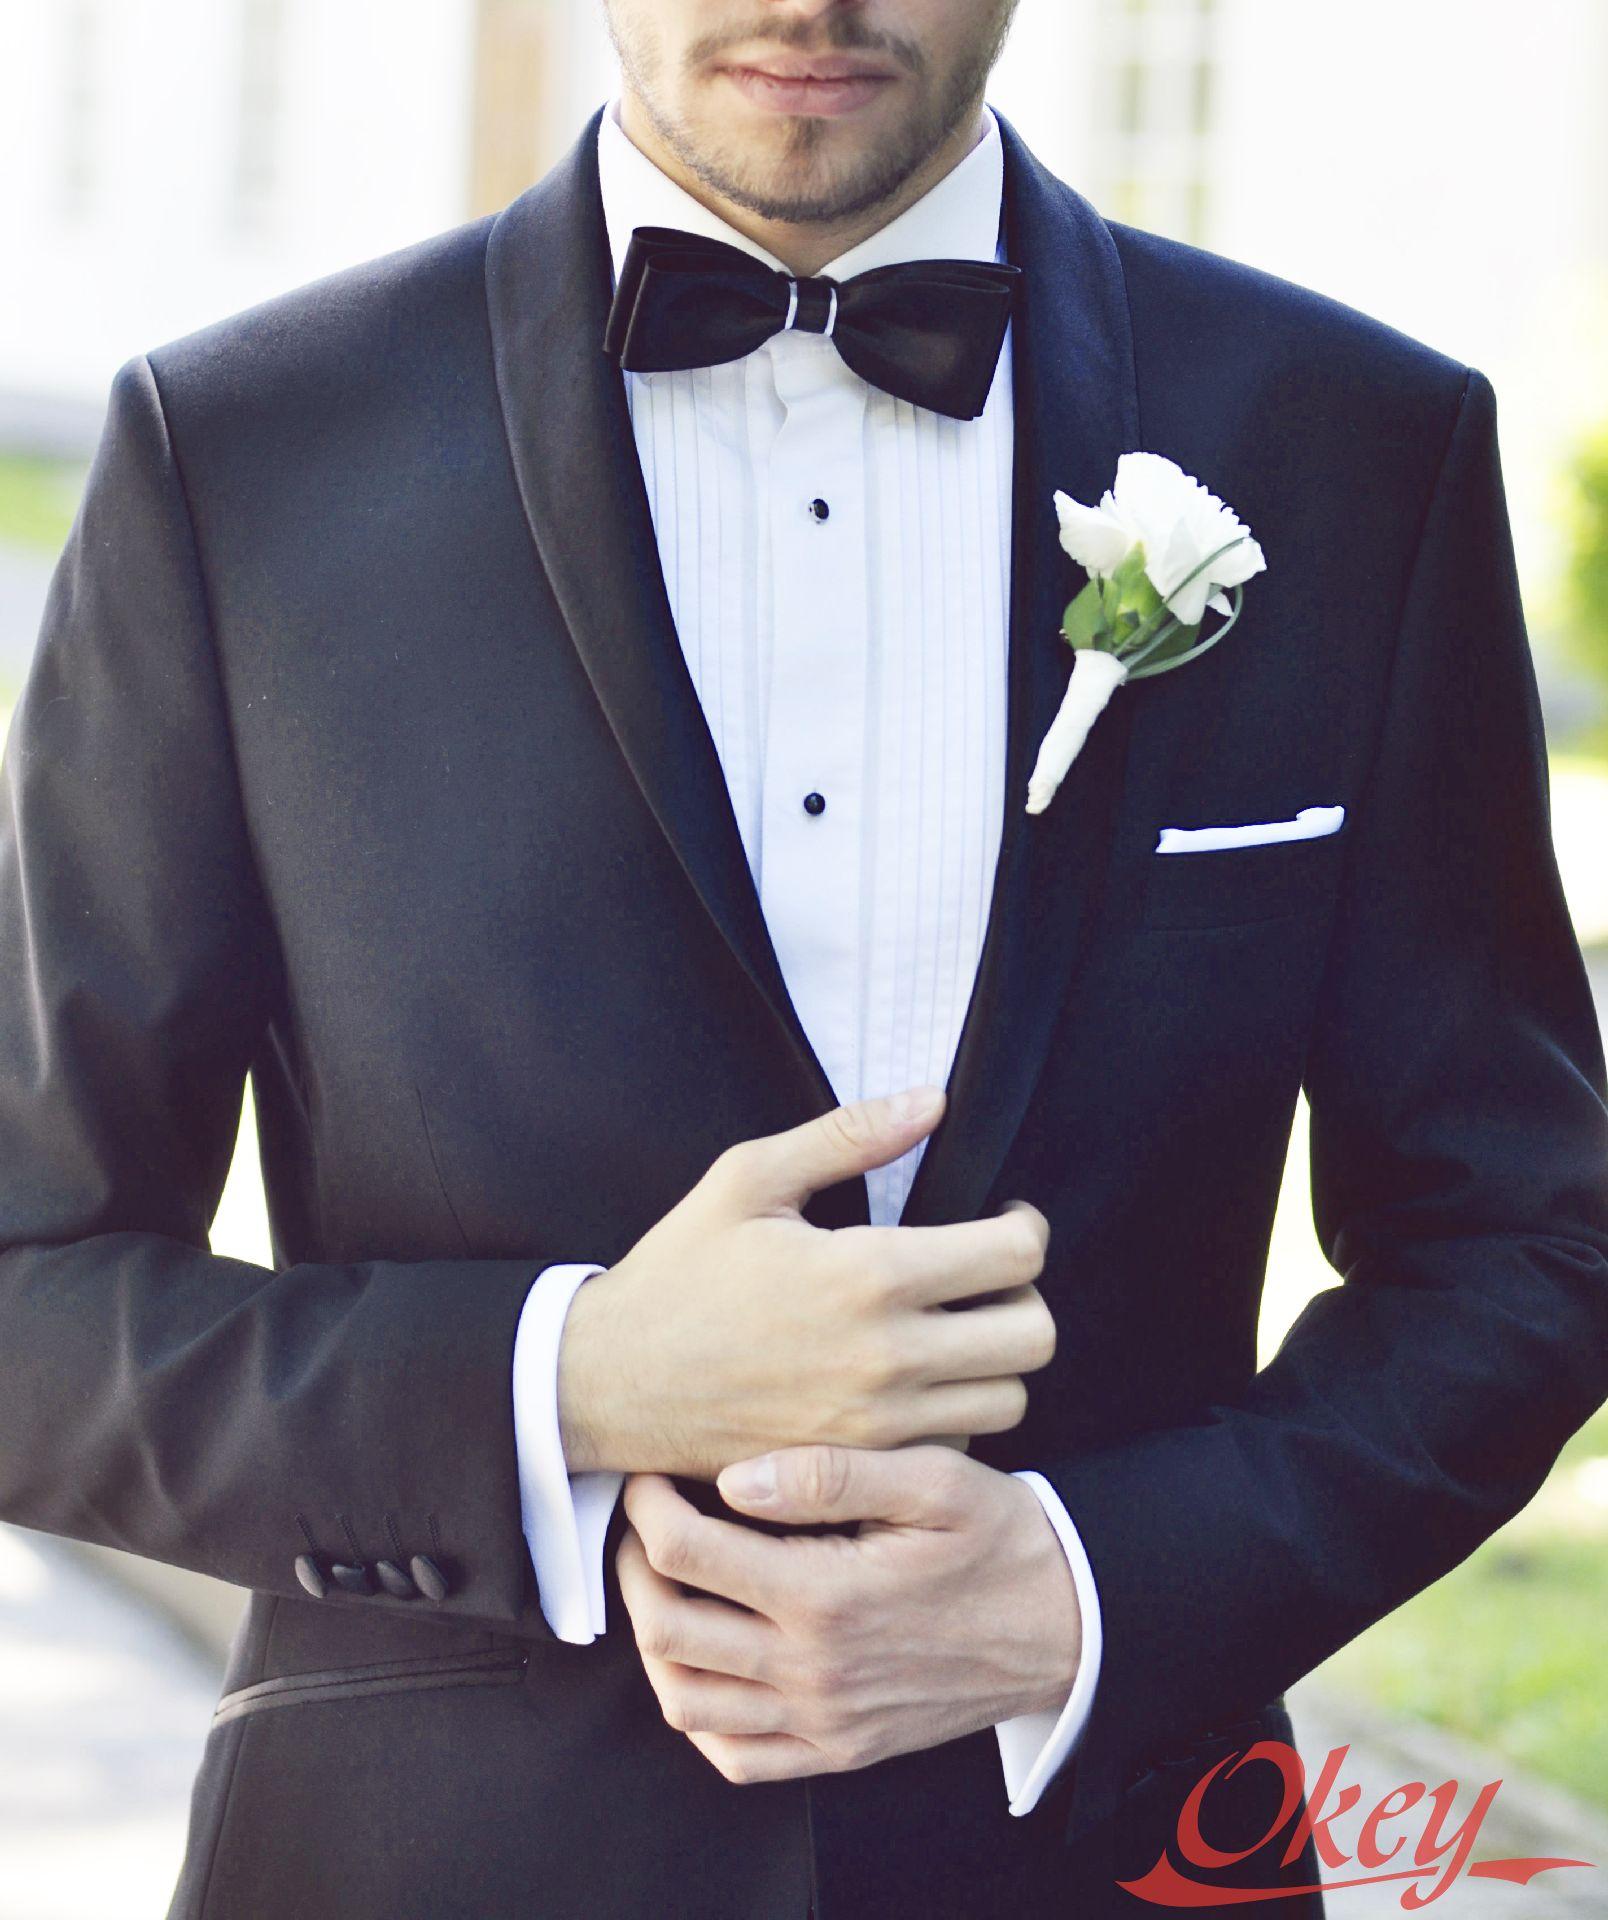 Garnitury Na ślub I Wesele Radom Salon Mody Męskiej Okey